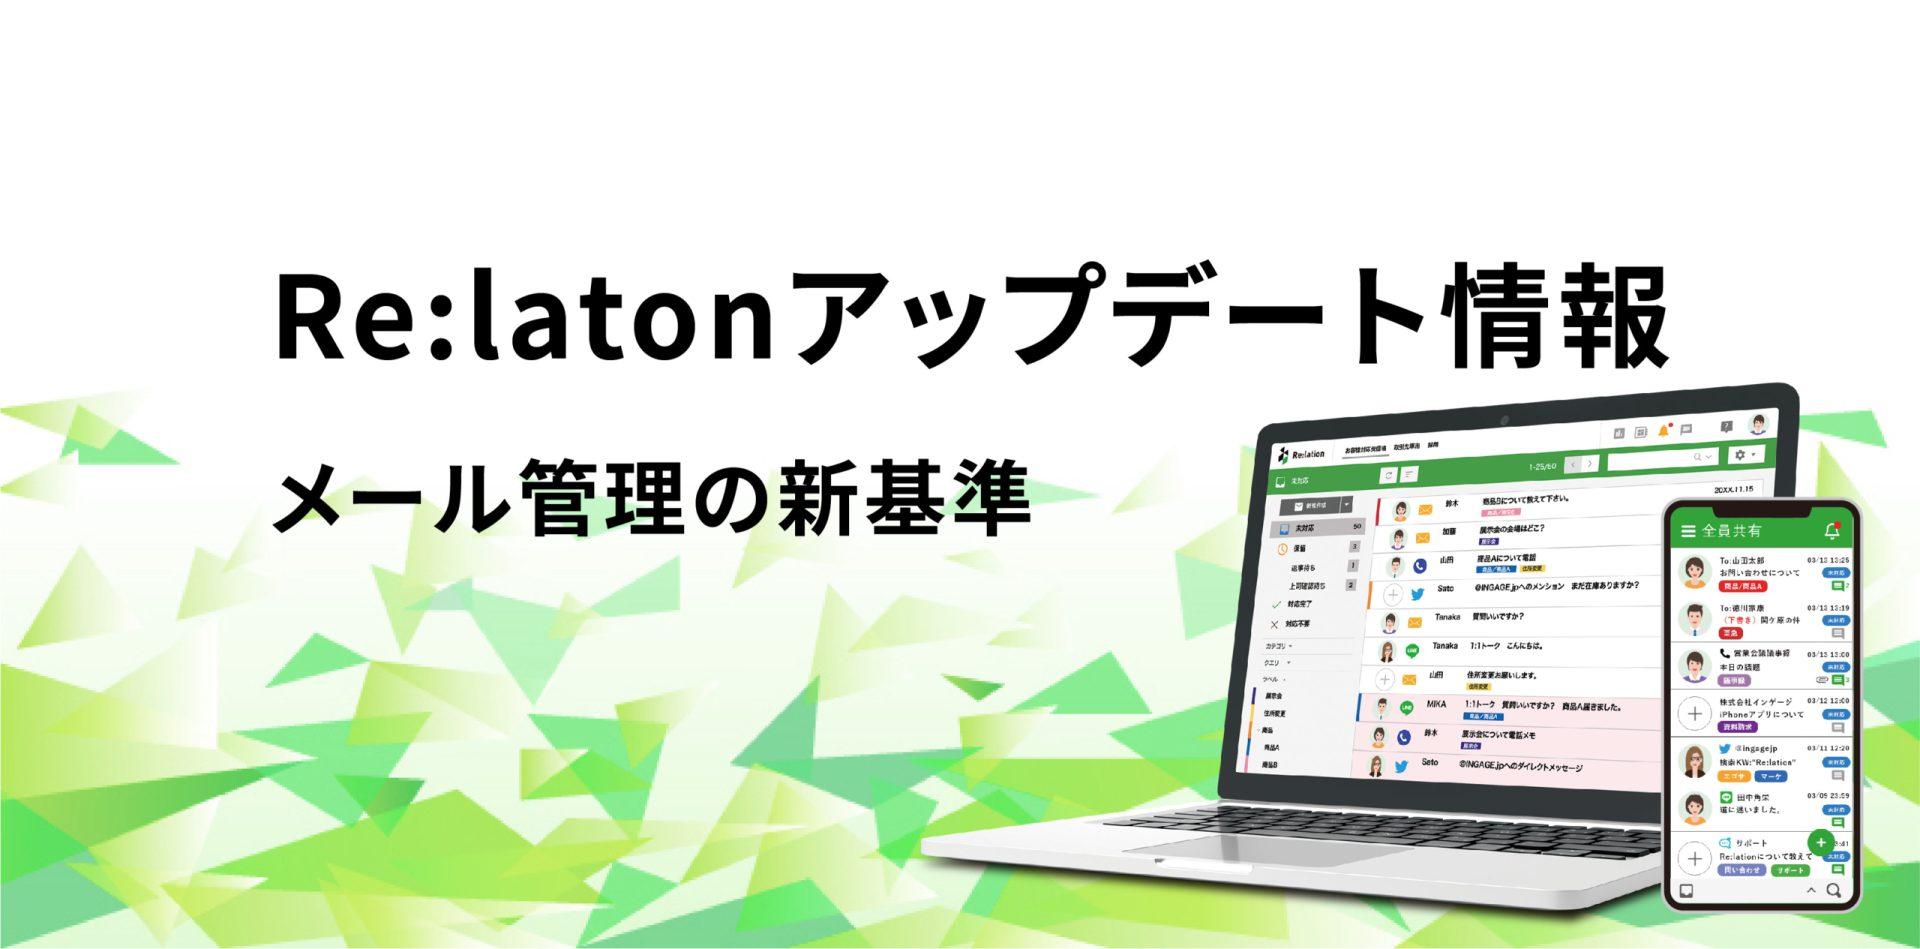 メール管理の新基準「Re:lation(リレーション)」4.9アップデート